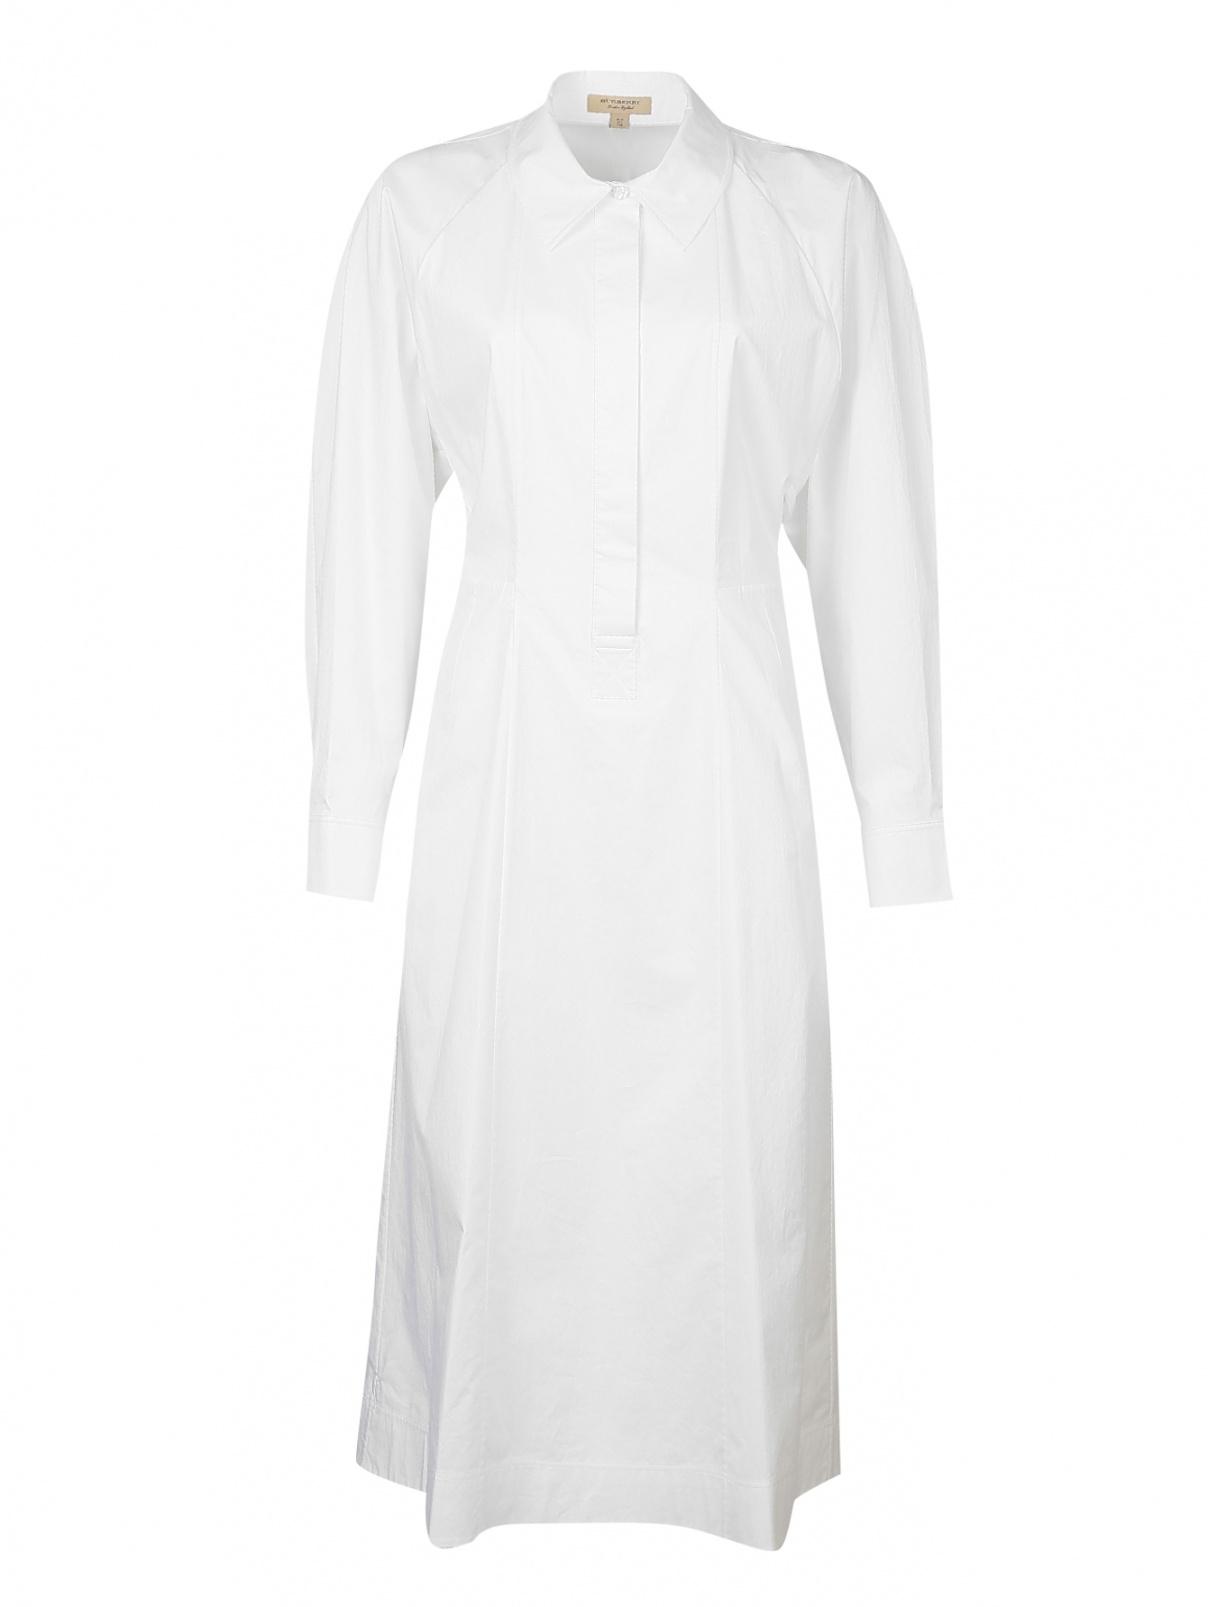 Платье хлопковое со сборкой Burberry  –  Общий вид  – Цвет:  Белый